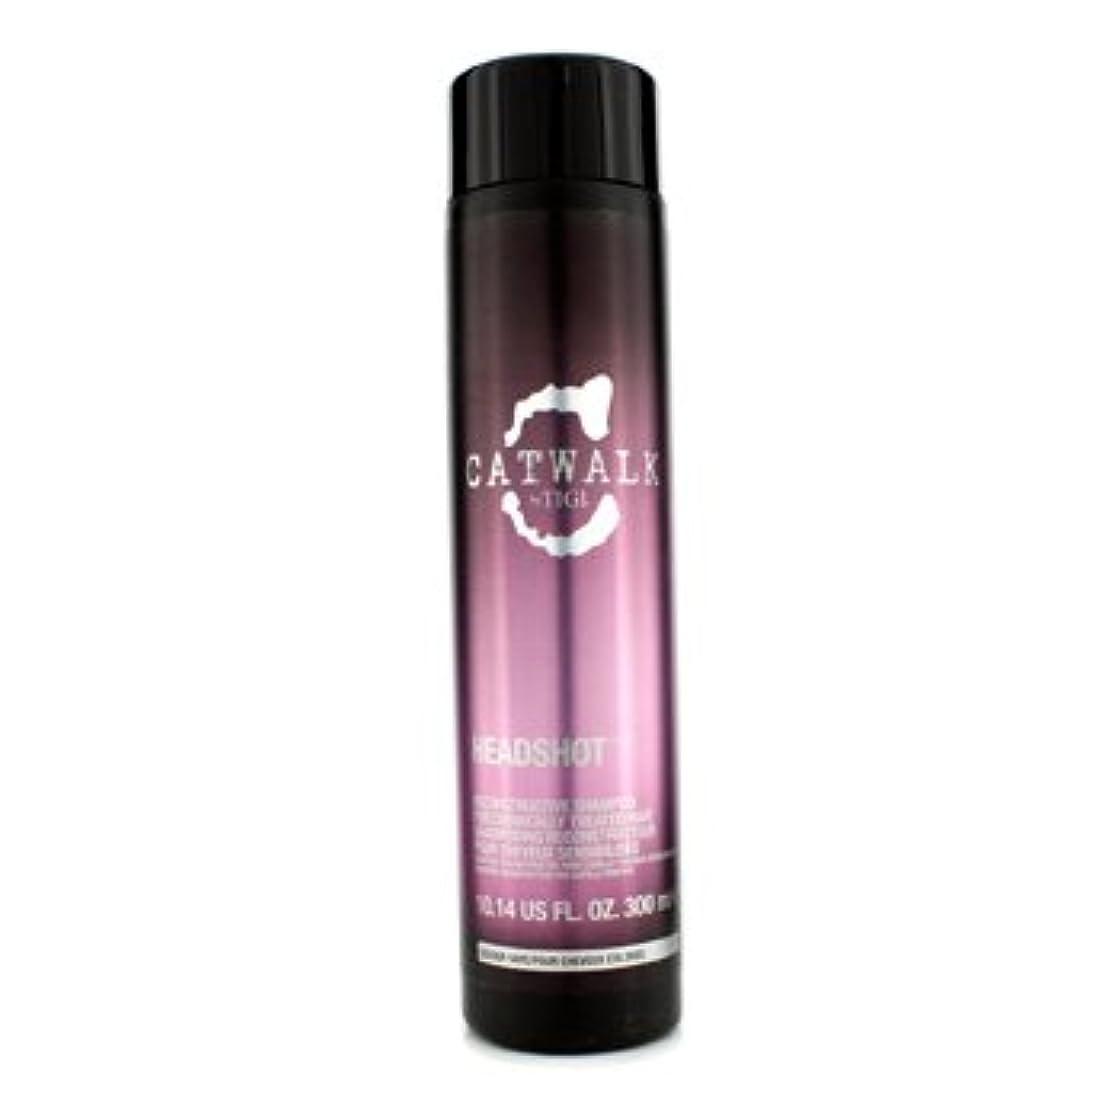 考古学的な成り立つ類推[Tigi] Catwalk Headshot Reconstructive Shampoo (For Chemically Treated Hair) 300ml/10.14oz